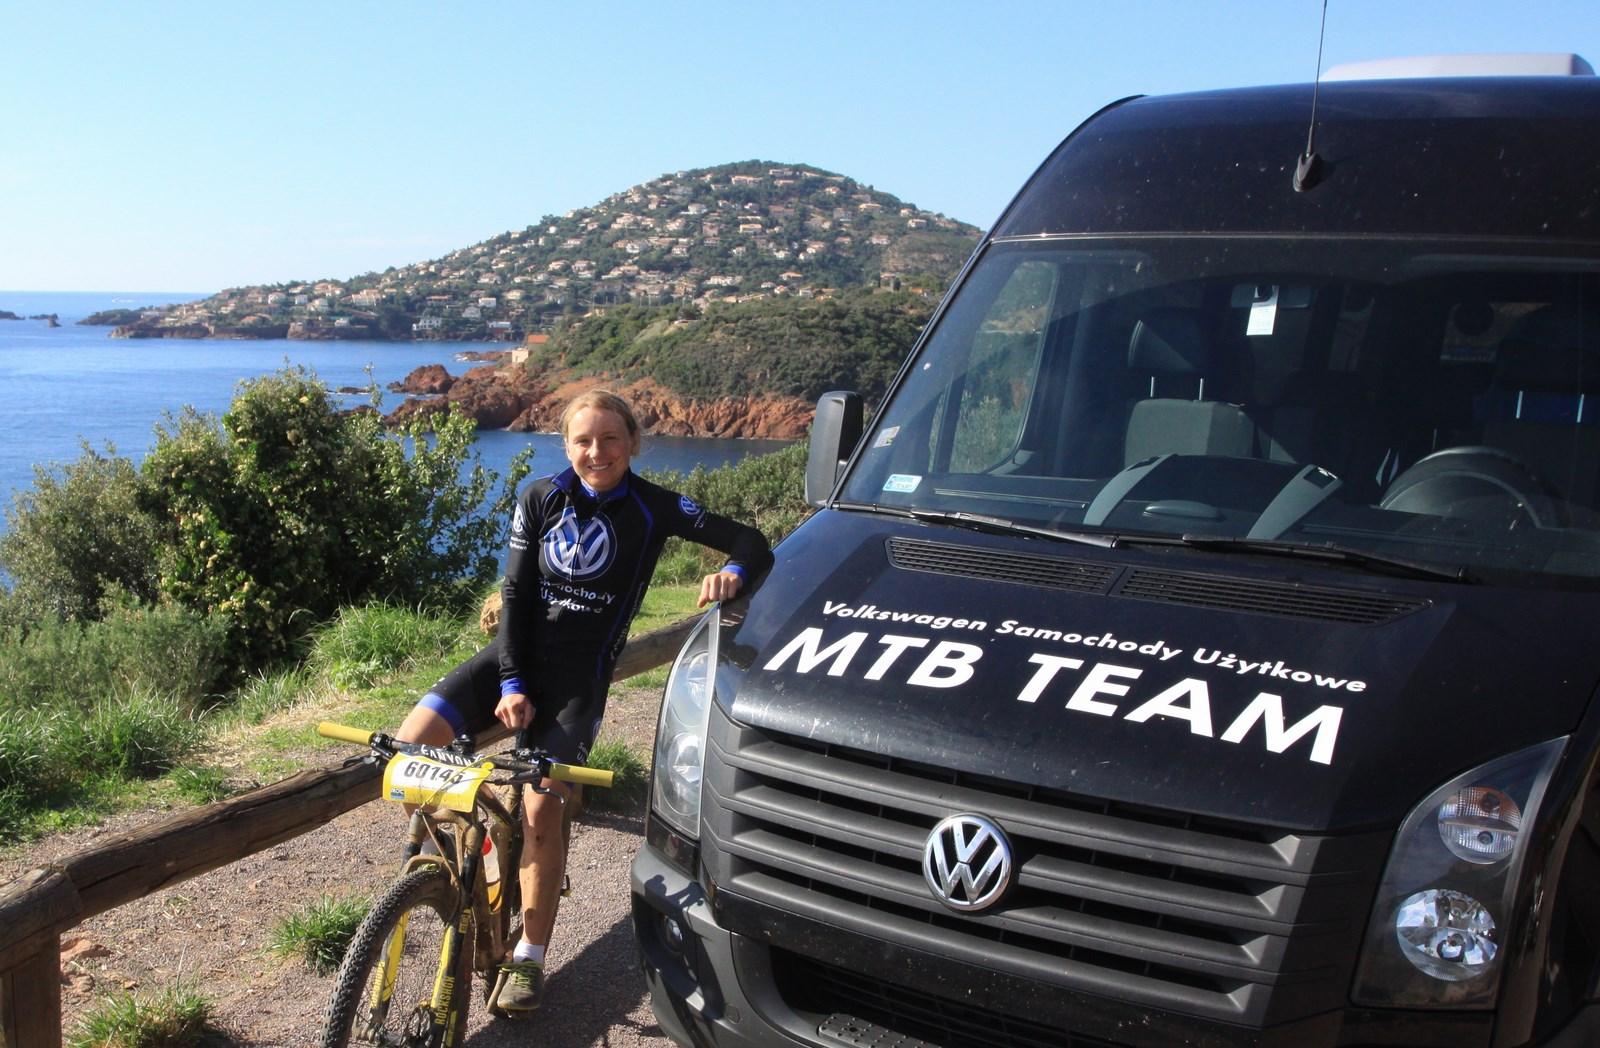 Michalina Ziółkowska (Volkswagen Samochody Użytkowe MTB Team) – Mistrzostwa Świata w Maratonie MTB, Francja